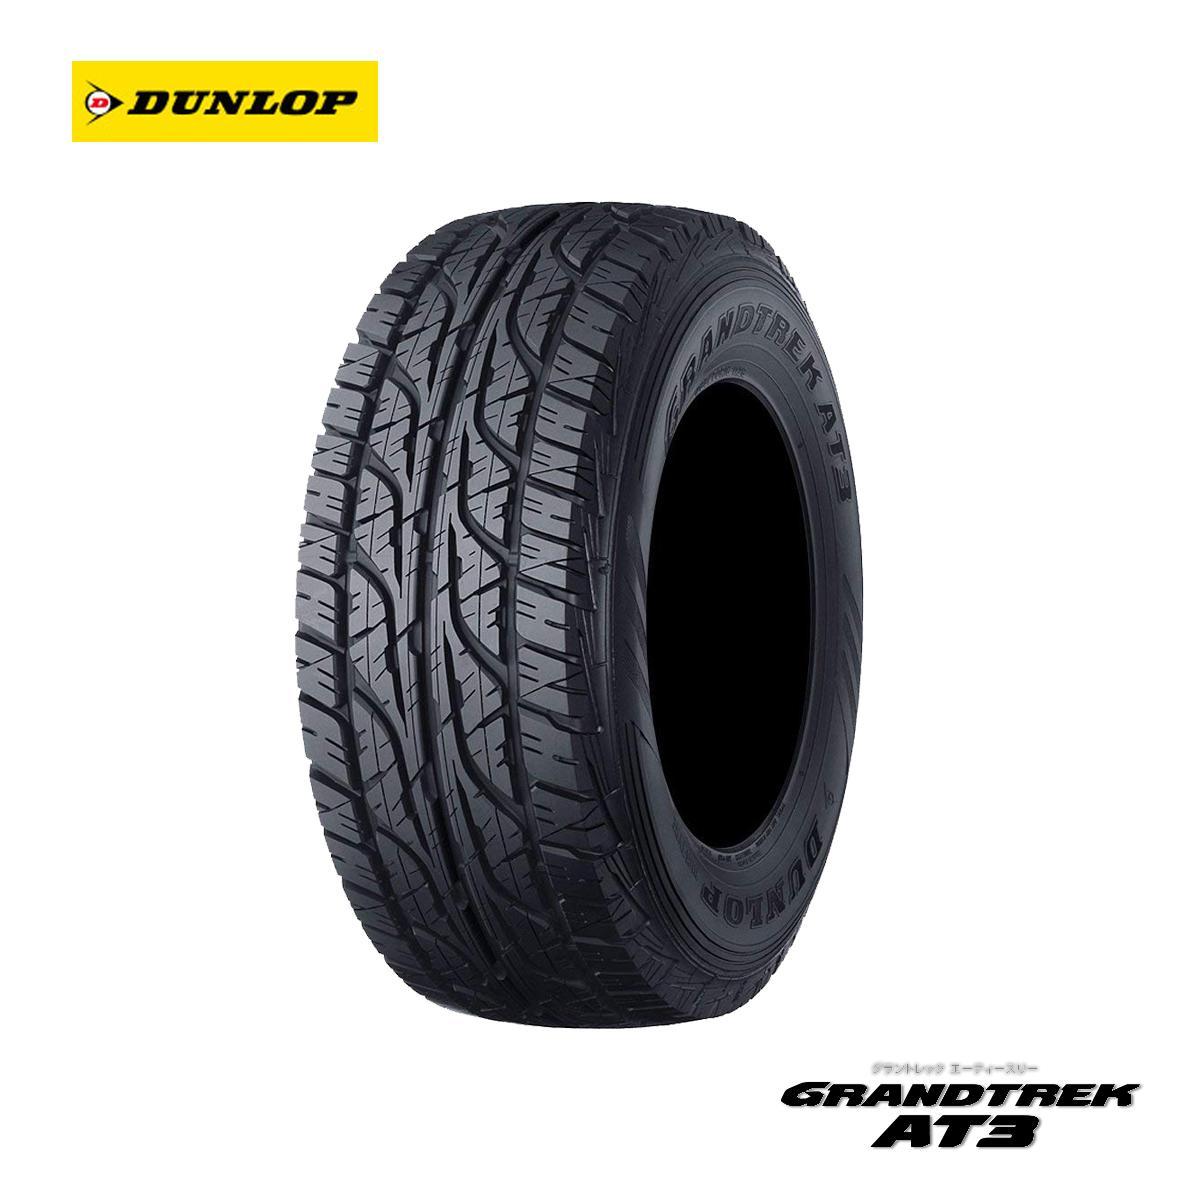 DUNLOPダンロップ国産4X44WDSUVオールテレンM+Sタイヤ1本16インチ215/70R16GRANDTREKAT3グラントレックレイズドブラックレター